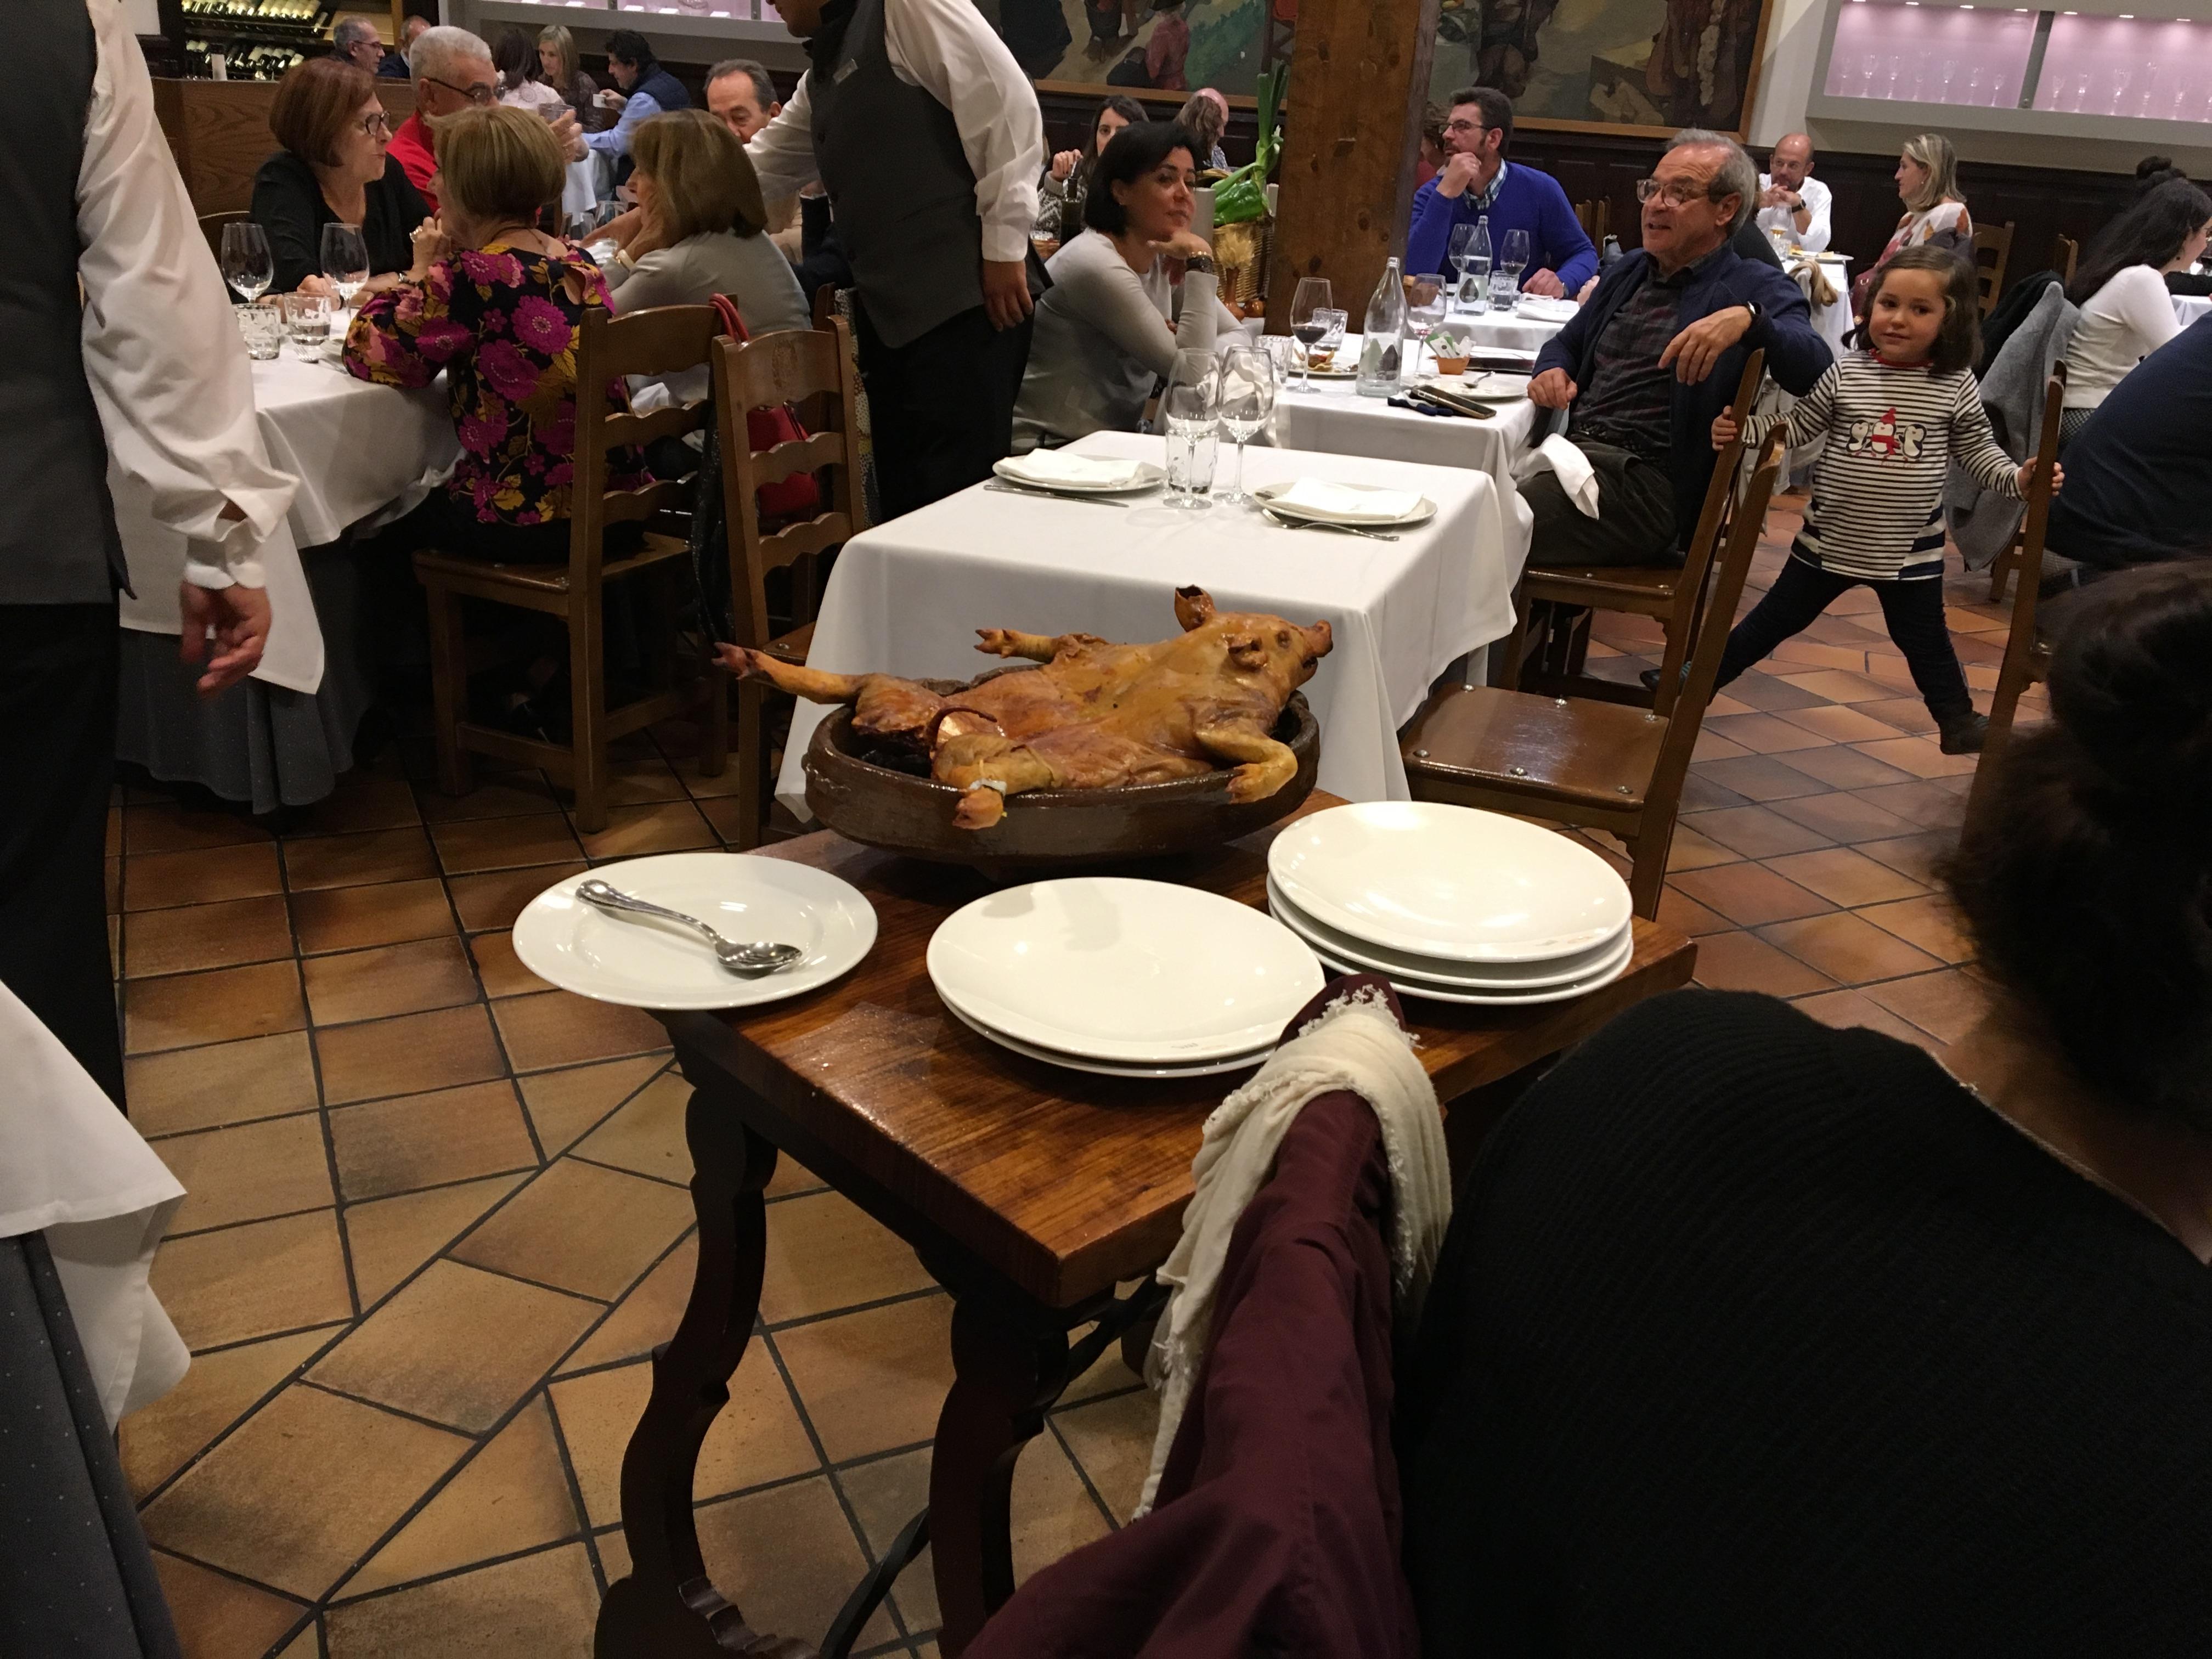 Proctor en Segovia final group dinner